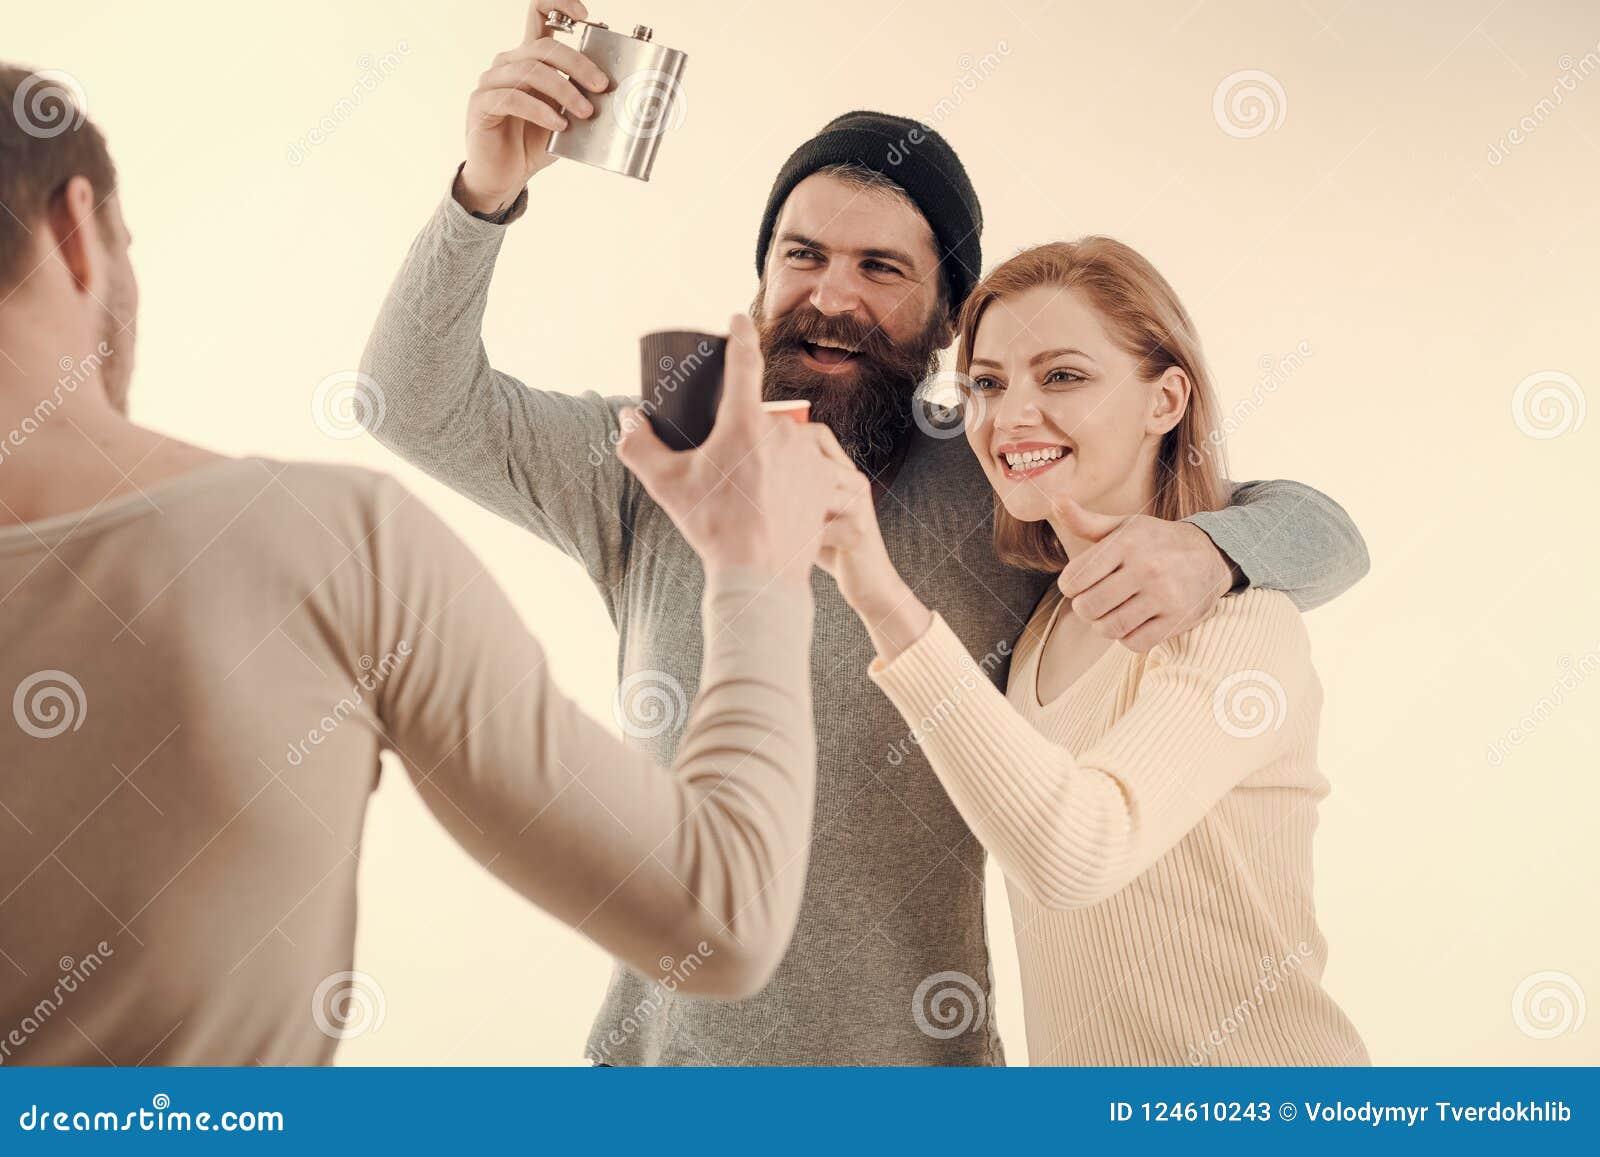 快乐的朋友公司花费与饮料的休闲 人拿着杯子,有酒精的烧瓶,讲话 人,微笑的妇女